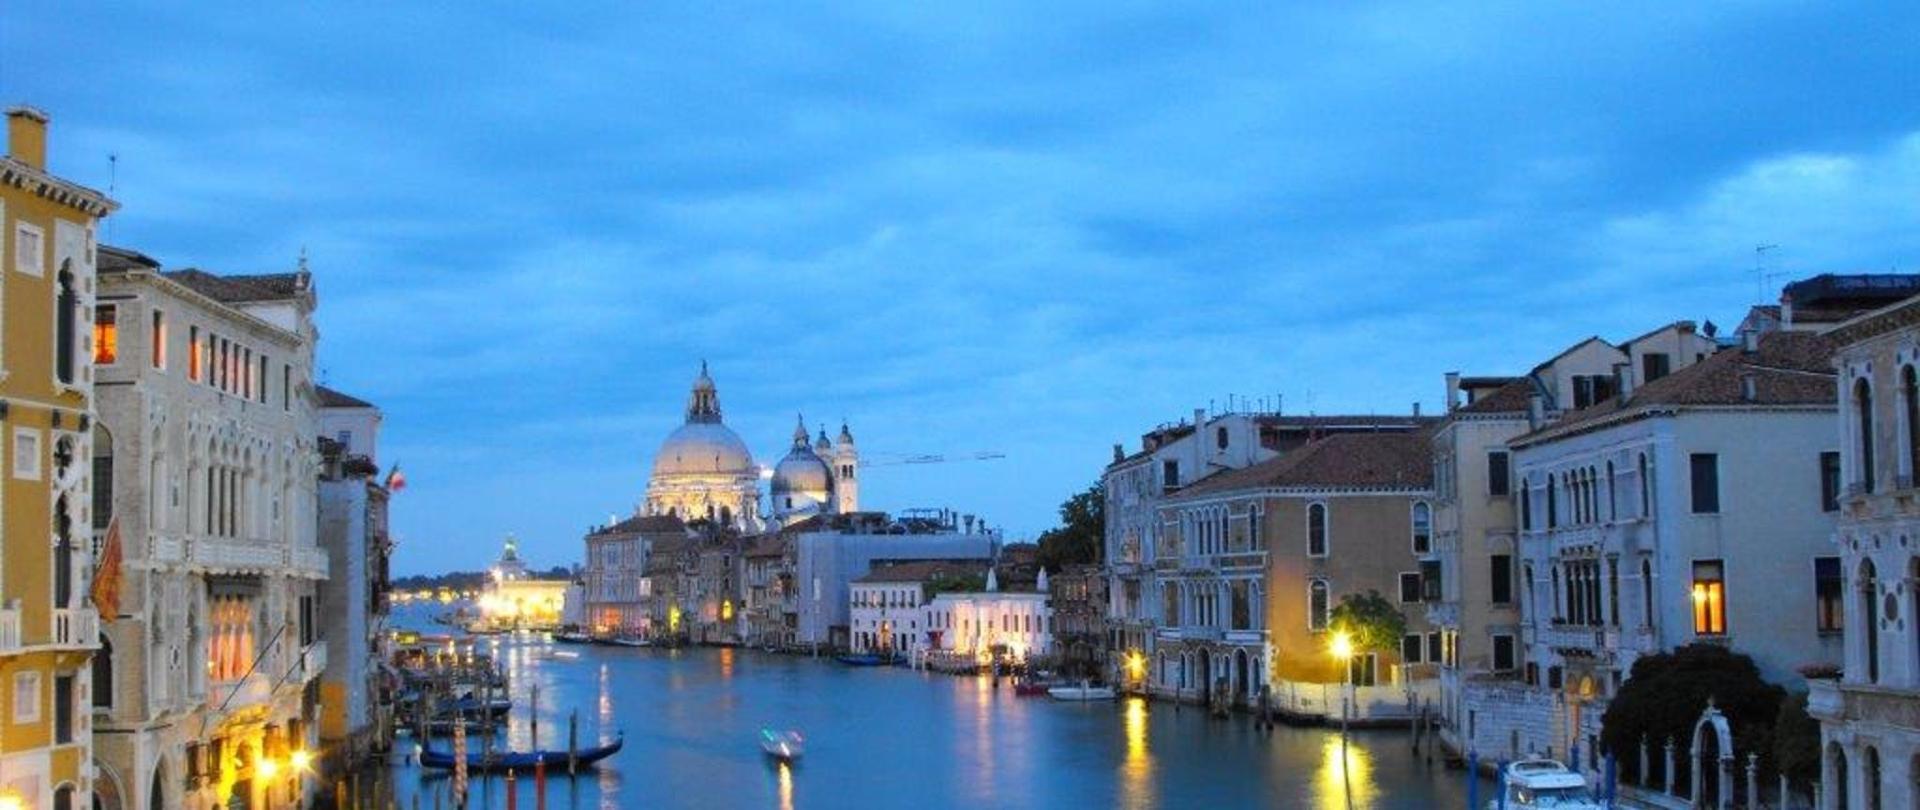 Foto Venezia (002).jpg